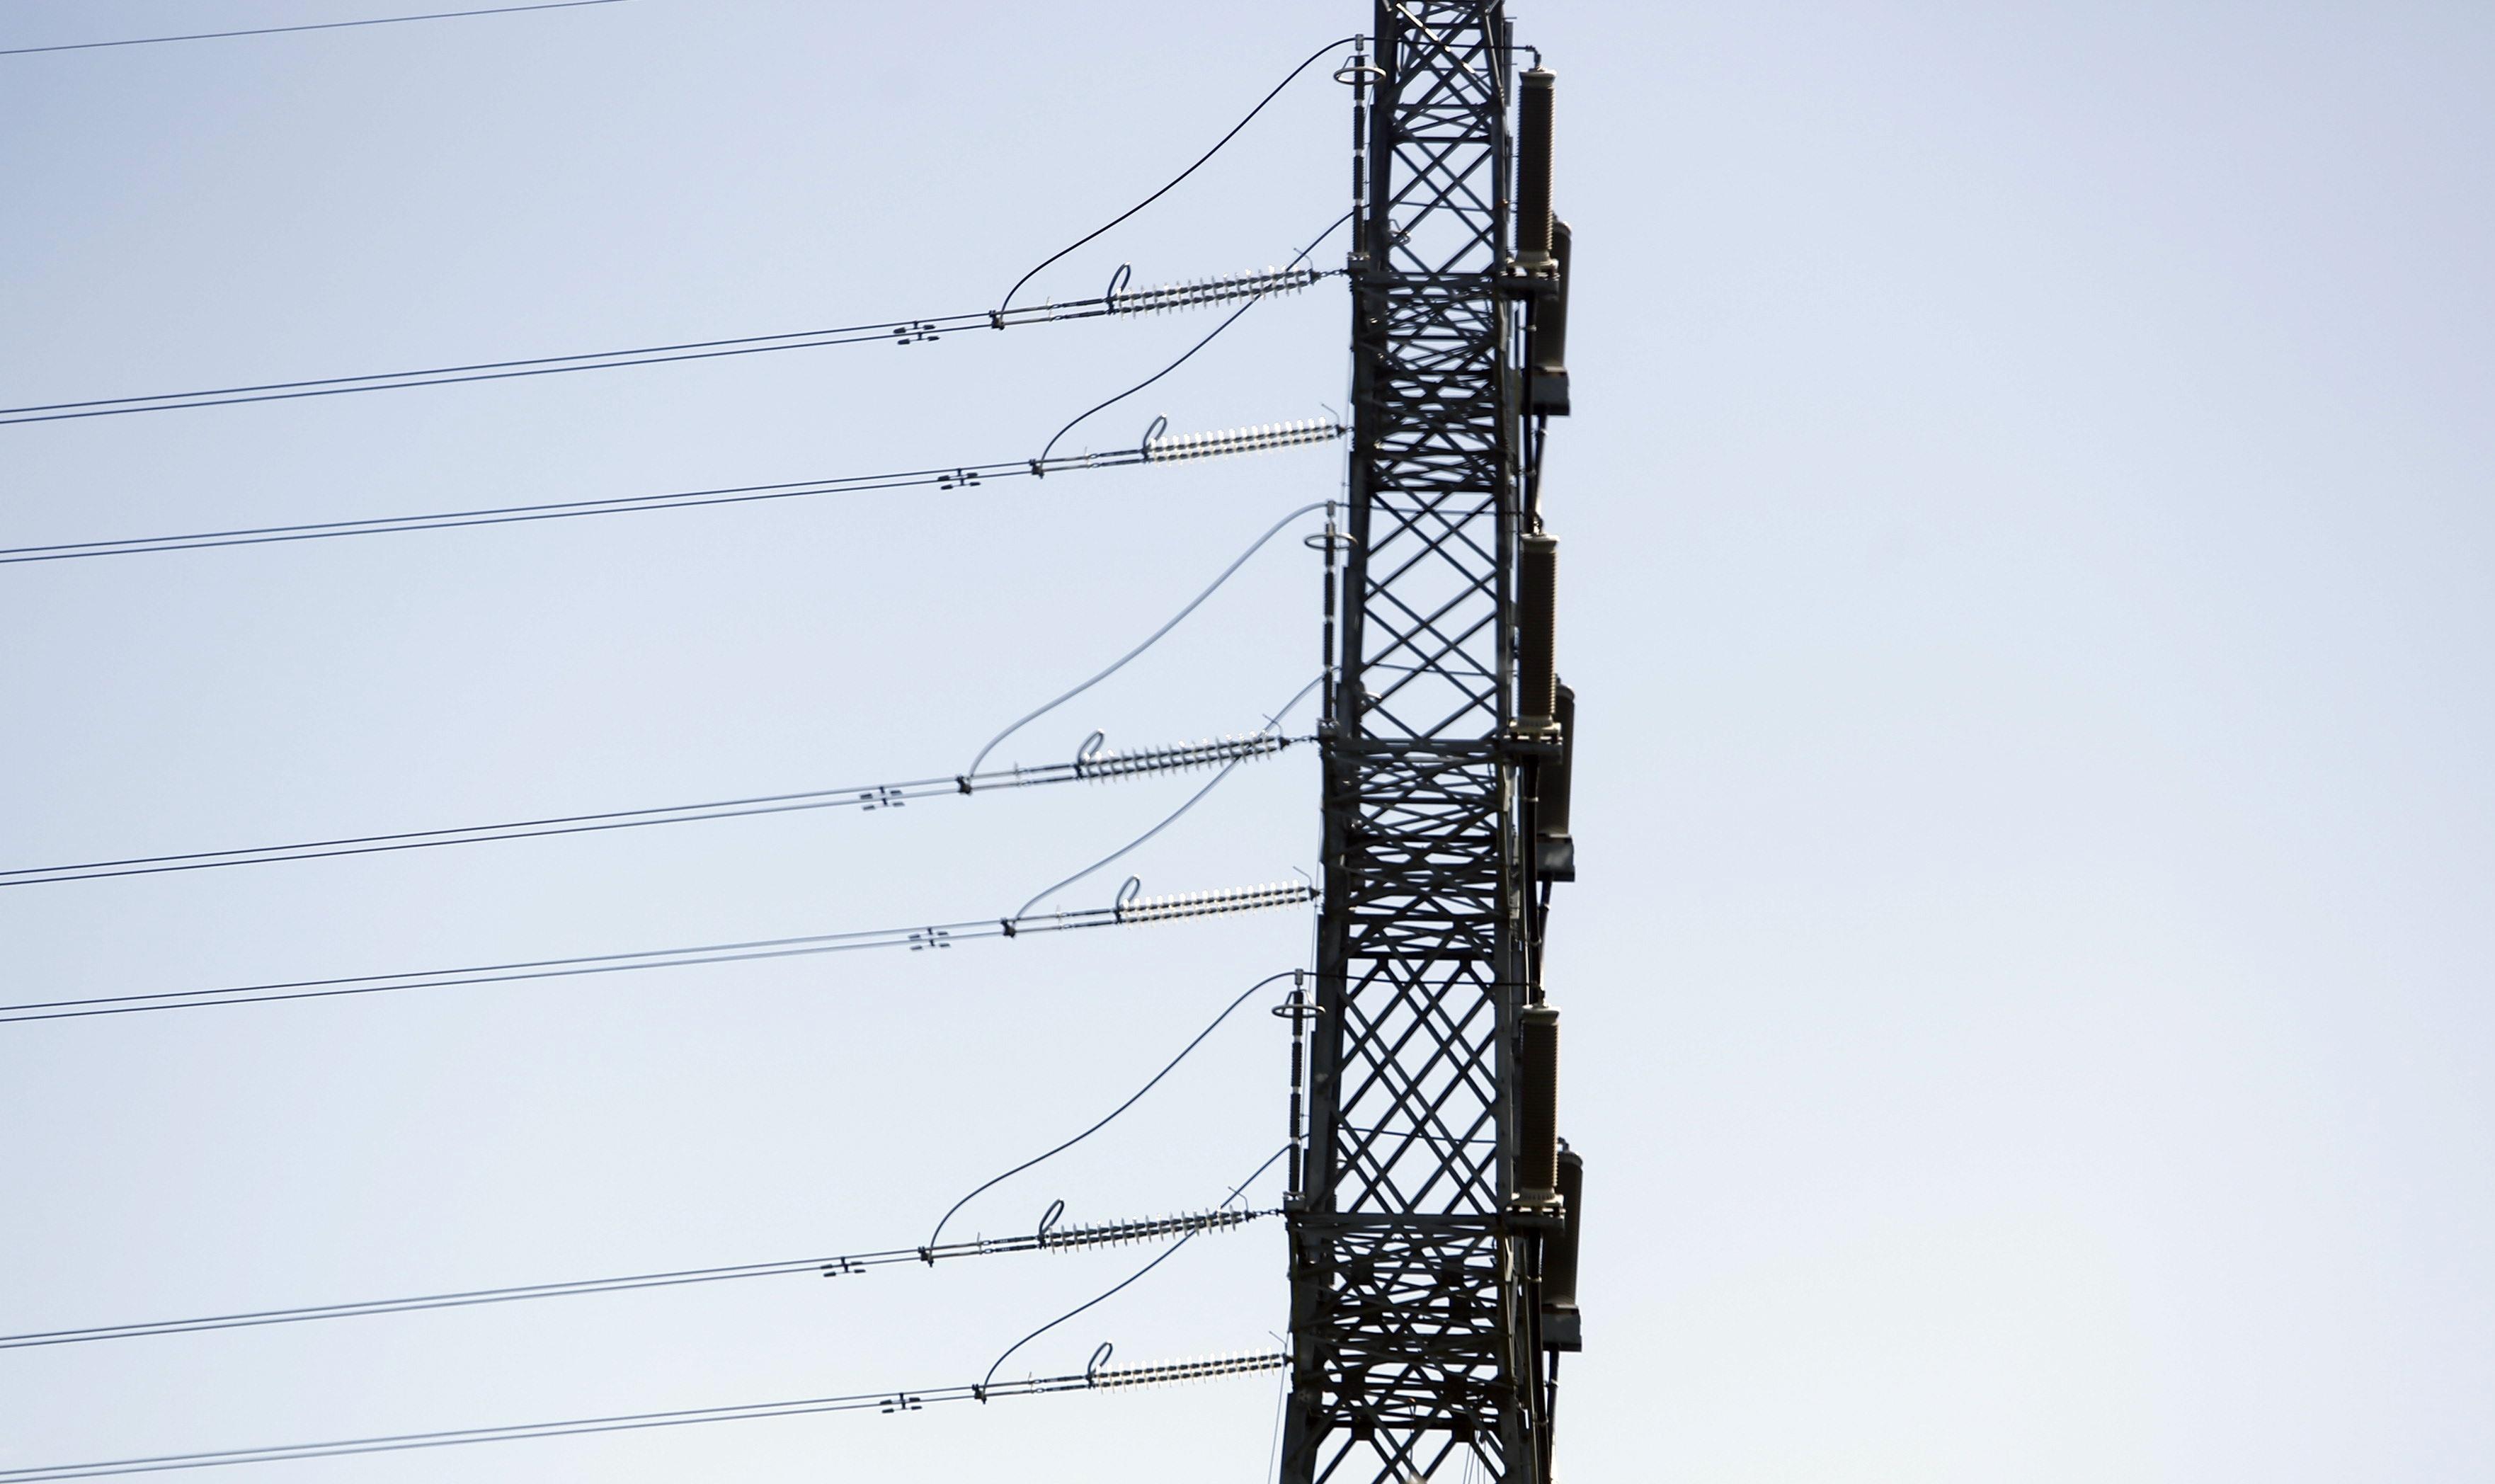 Economía/Energía- Las eléctricas piden al Gobierno sacar del recibo impuestos y subvenciones para evitar subidas del 40%